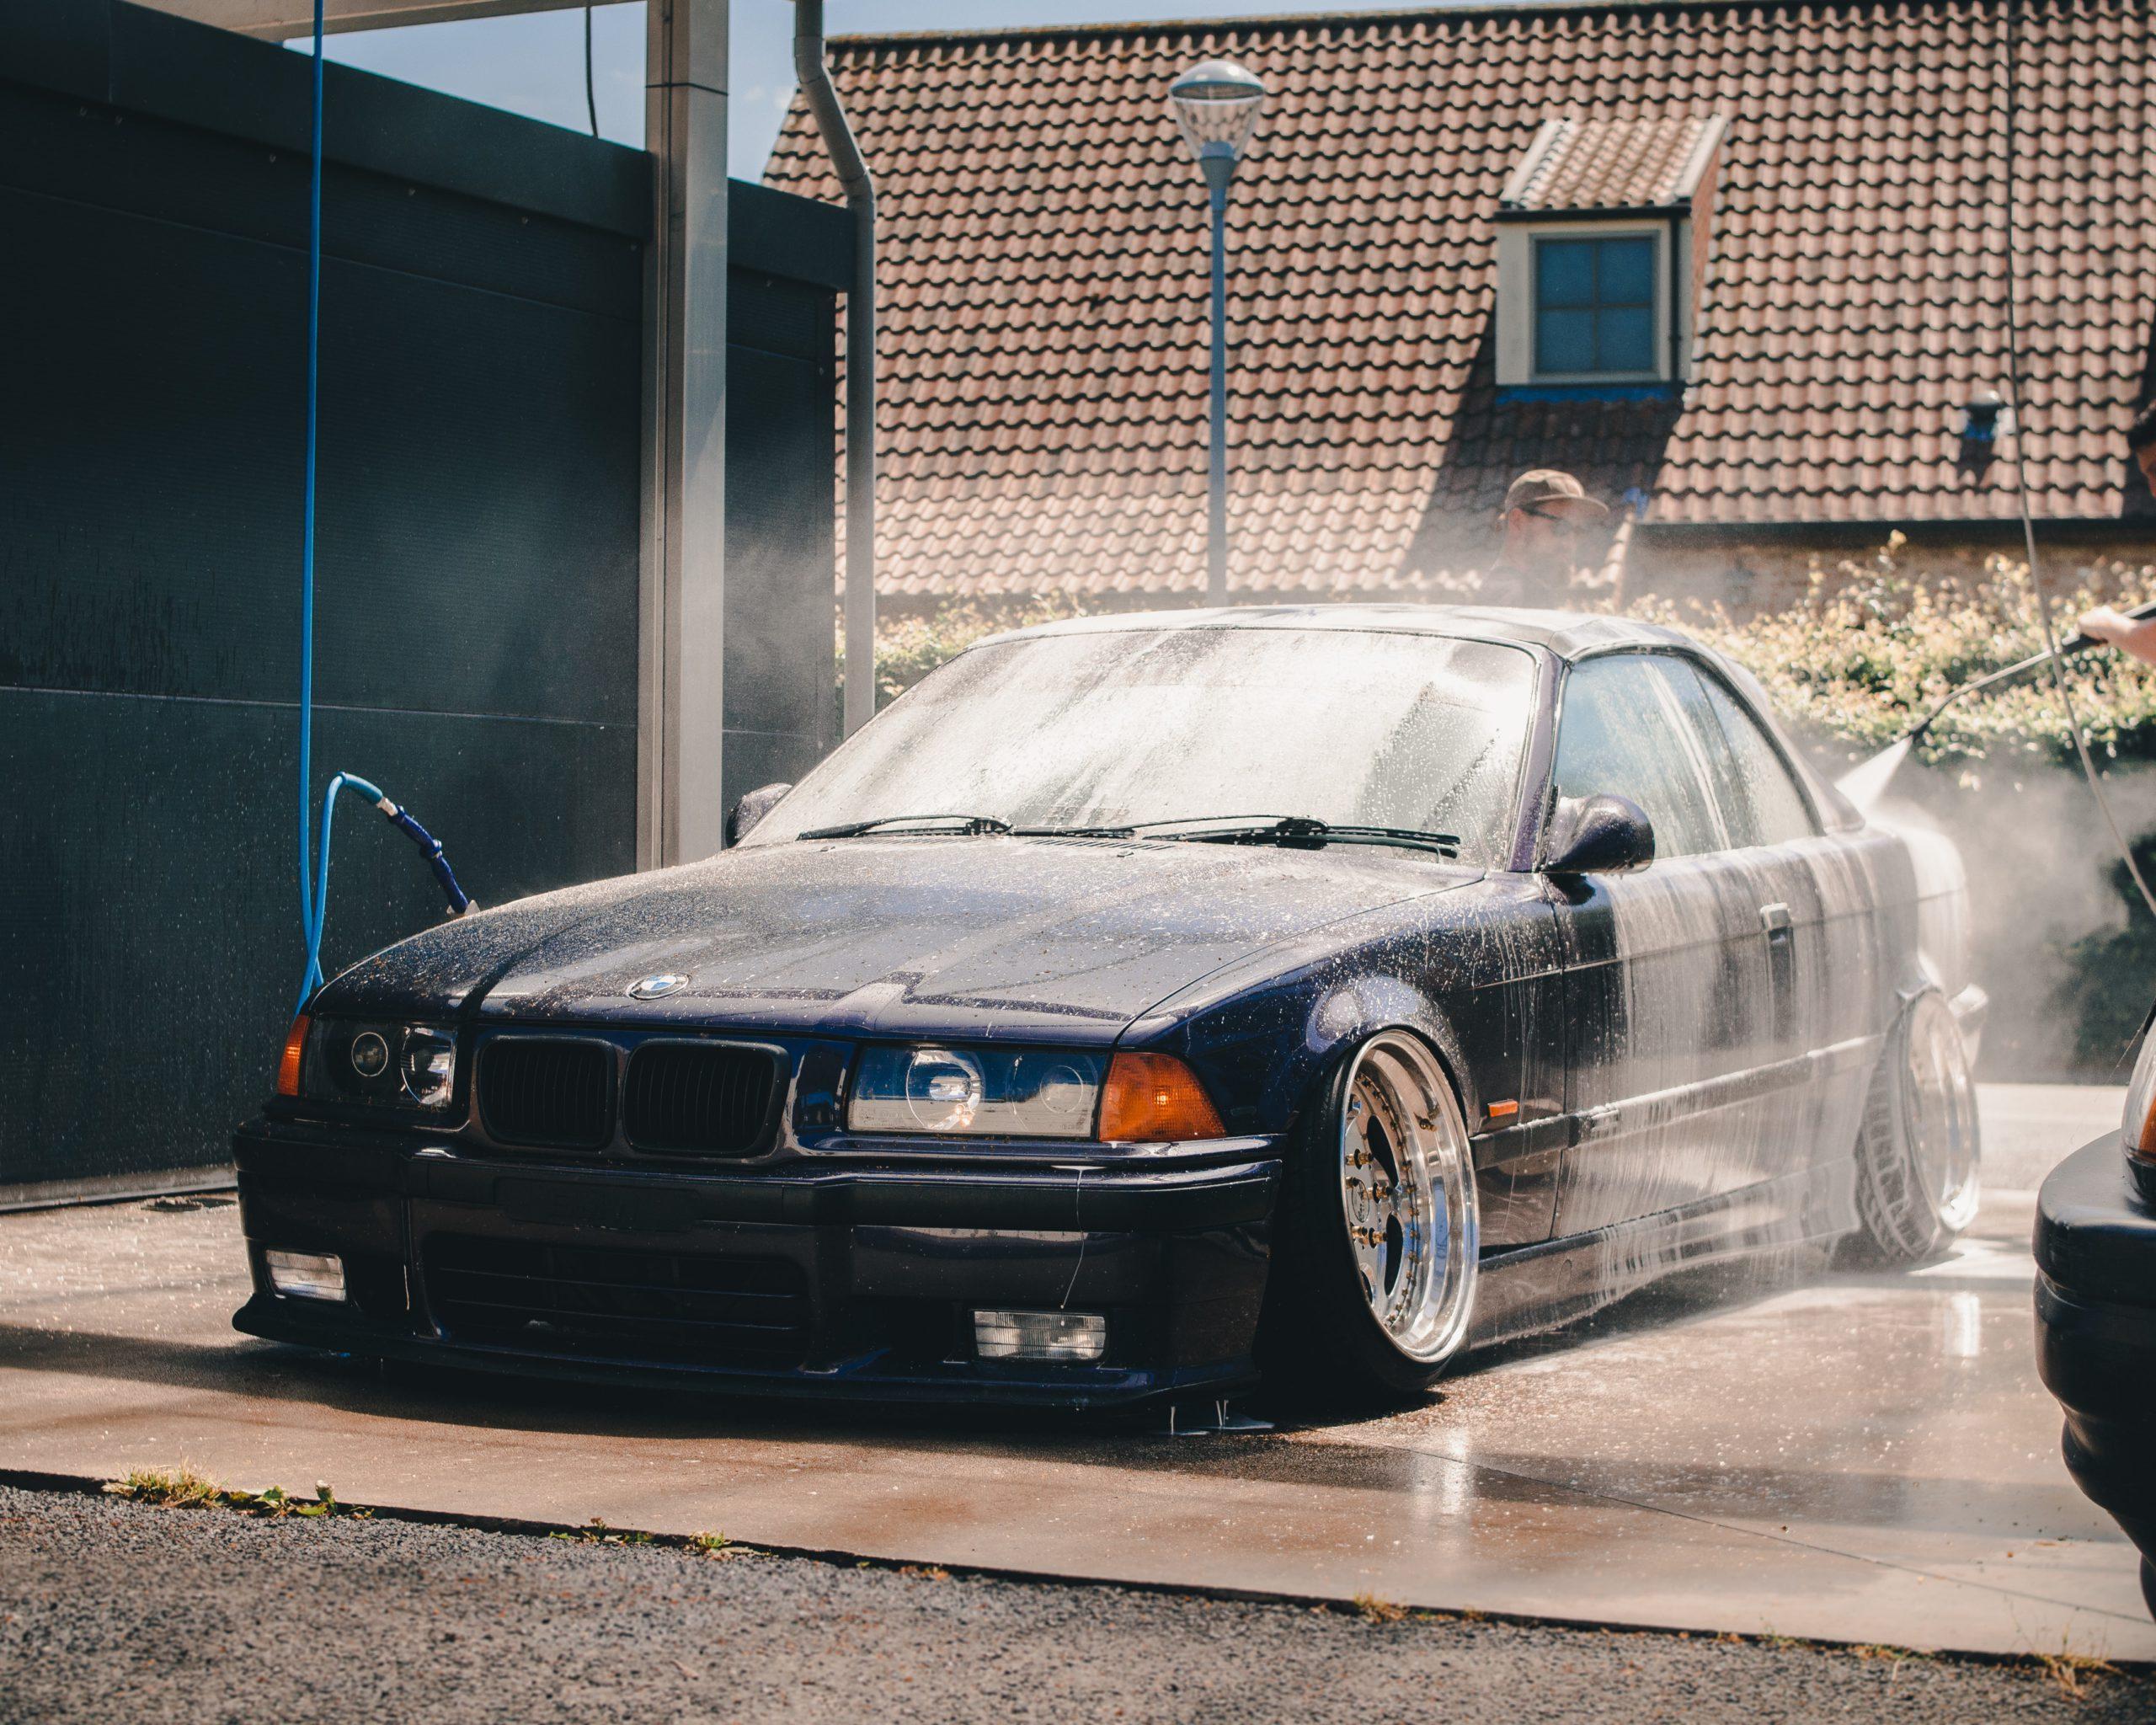 The Car Wash Dilemma